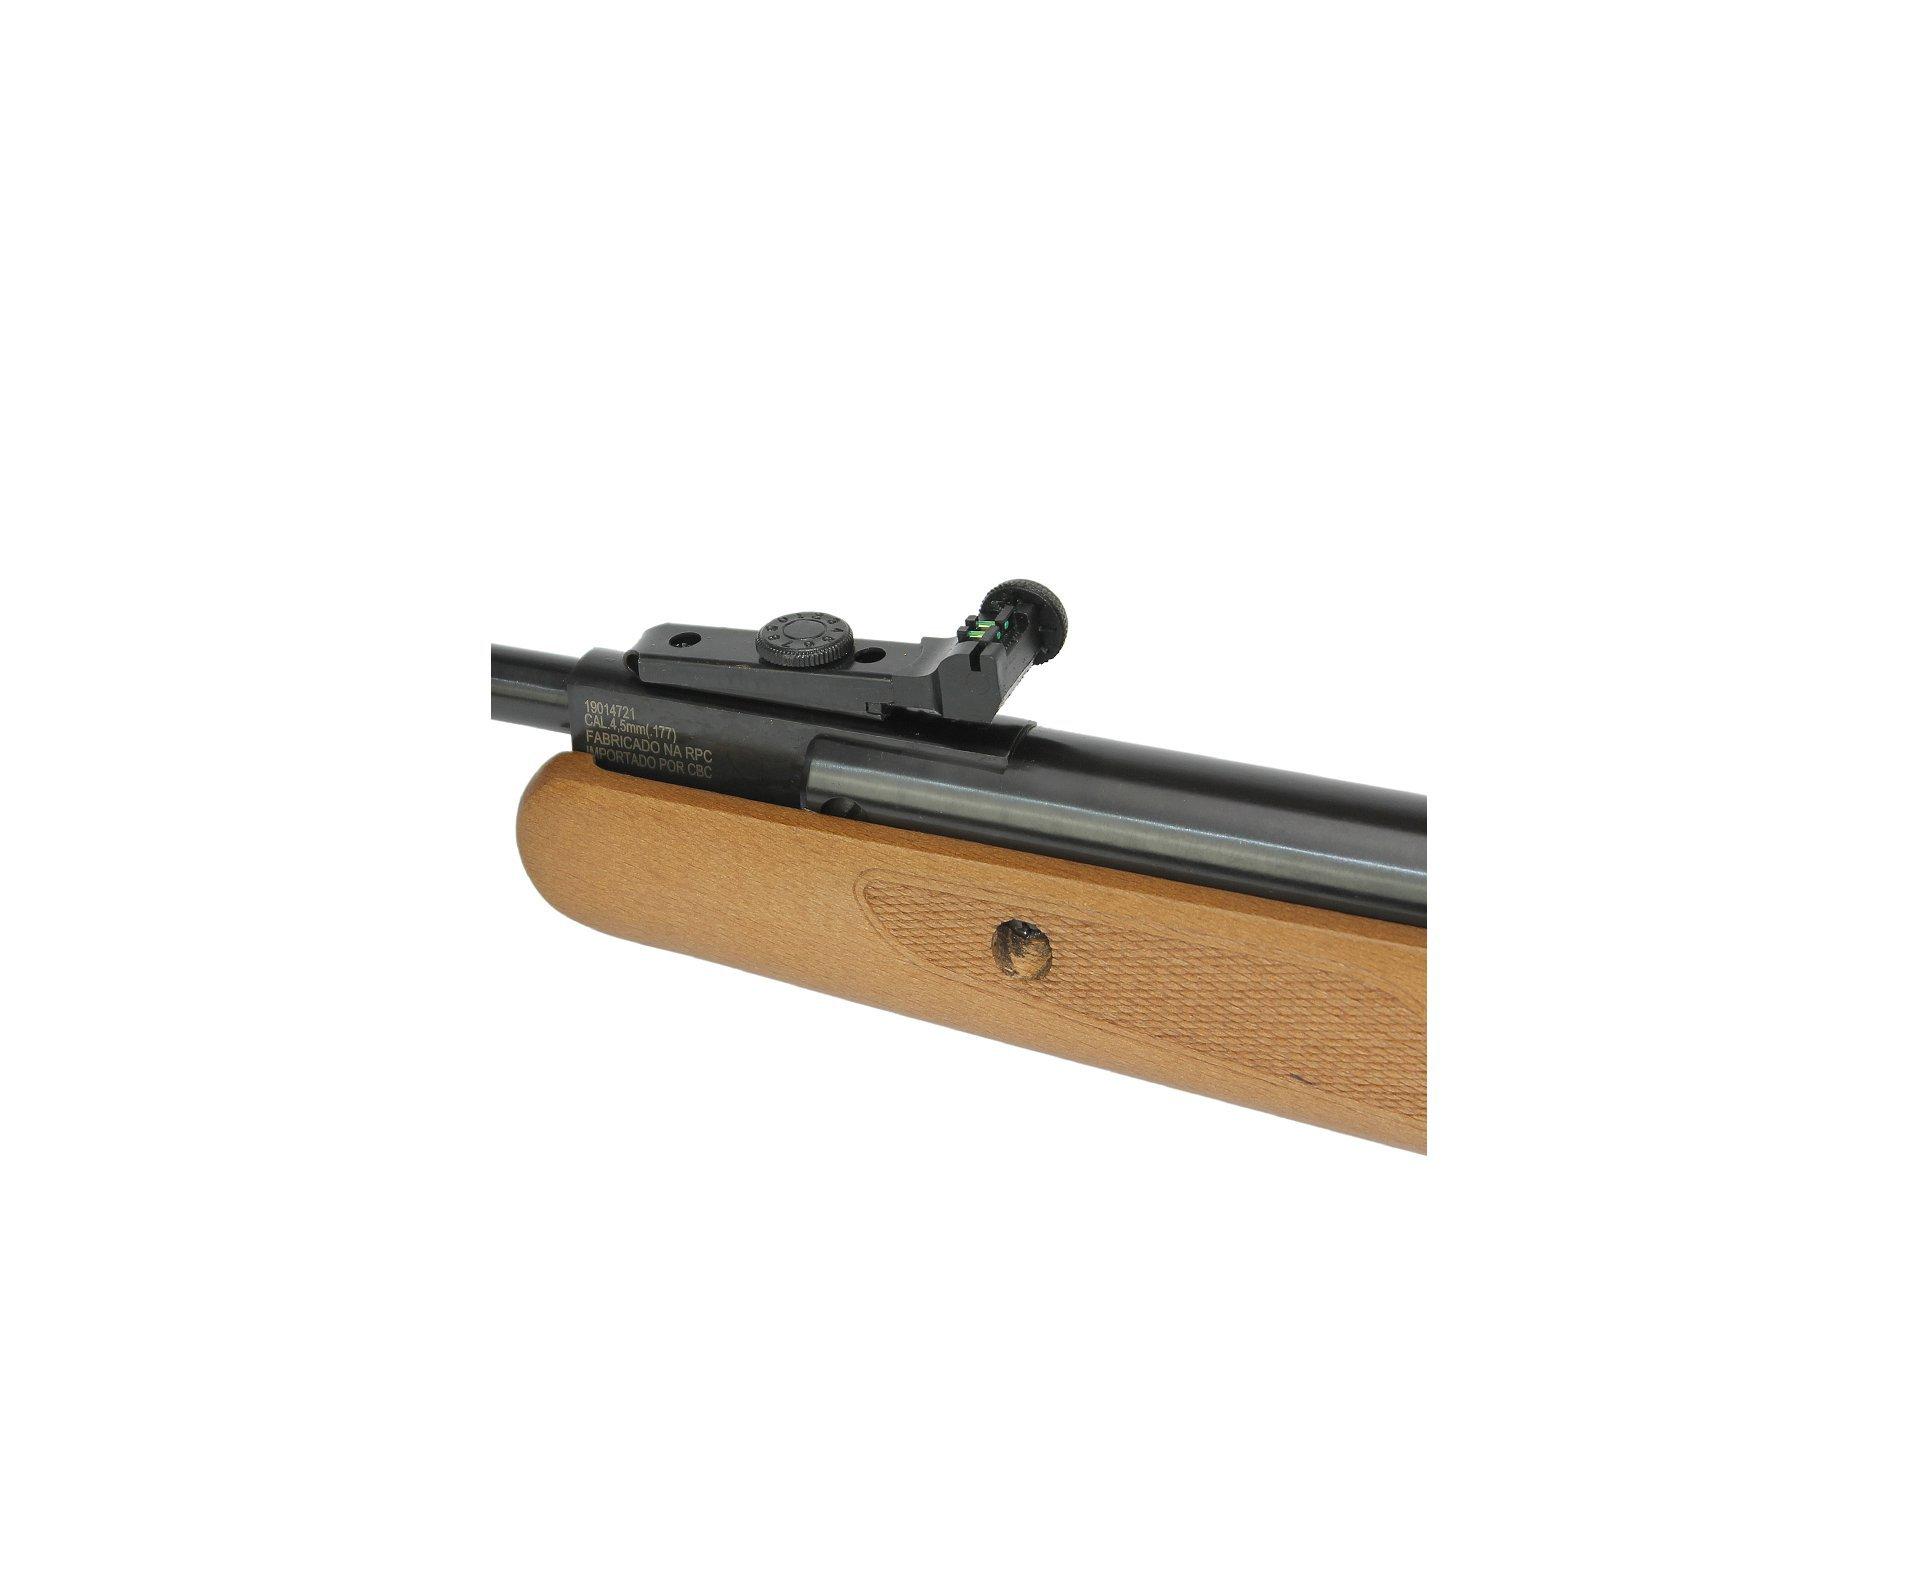 Carabina De Pressão Cbc B19-x 4,5mm Precision Gás Ram 50kg Instalado